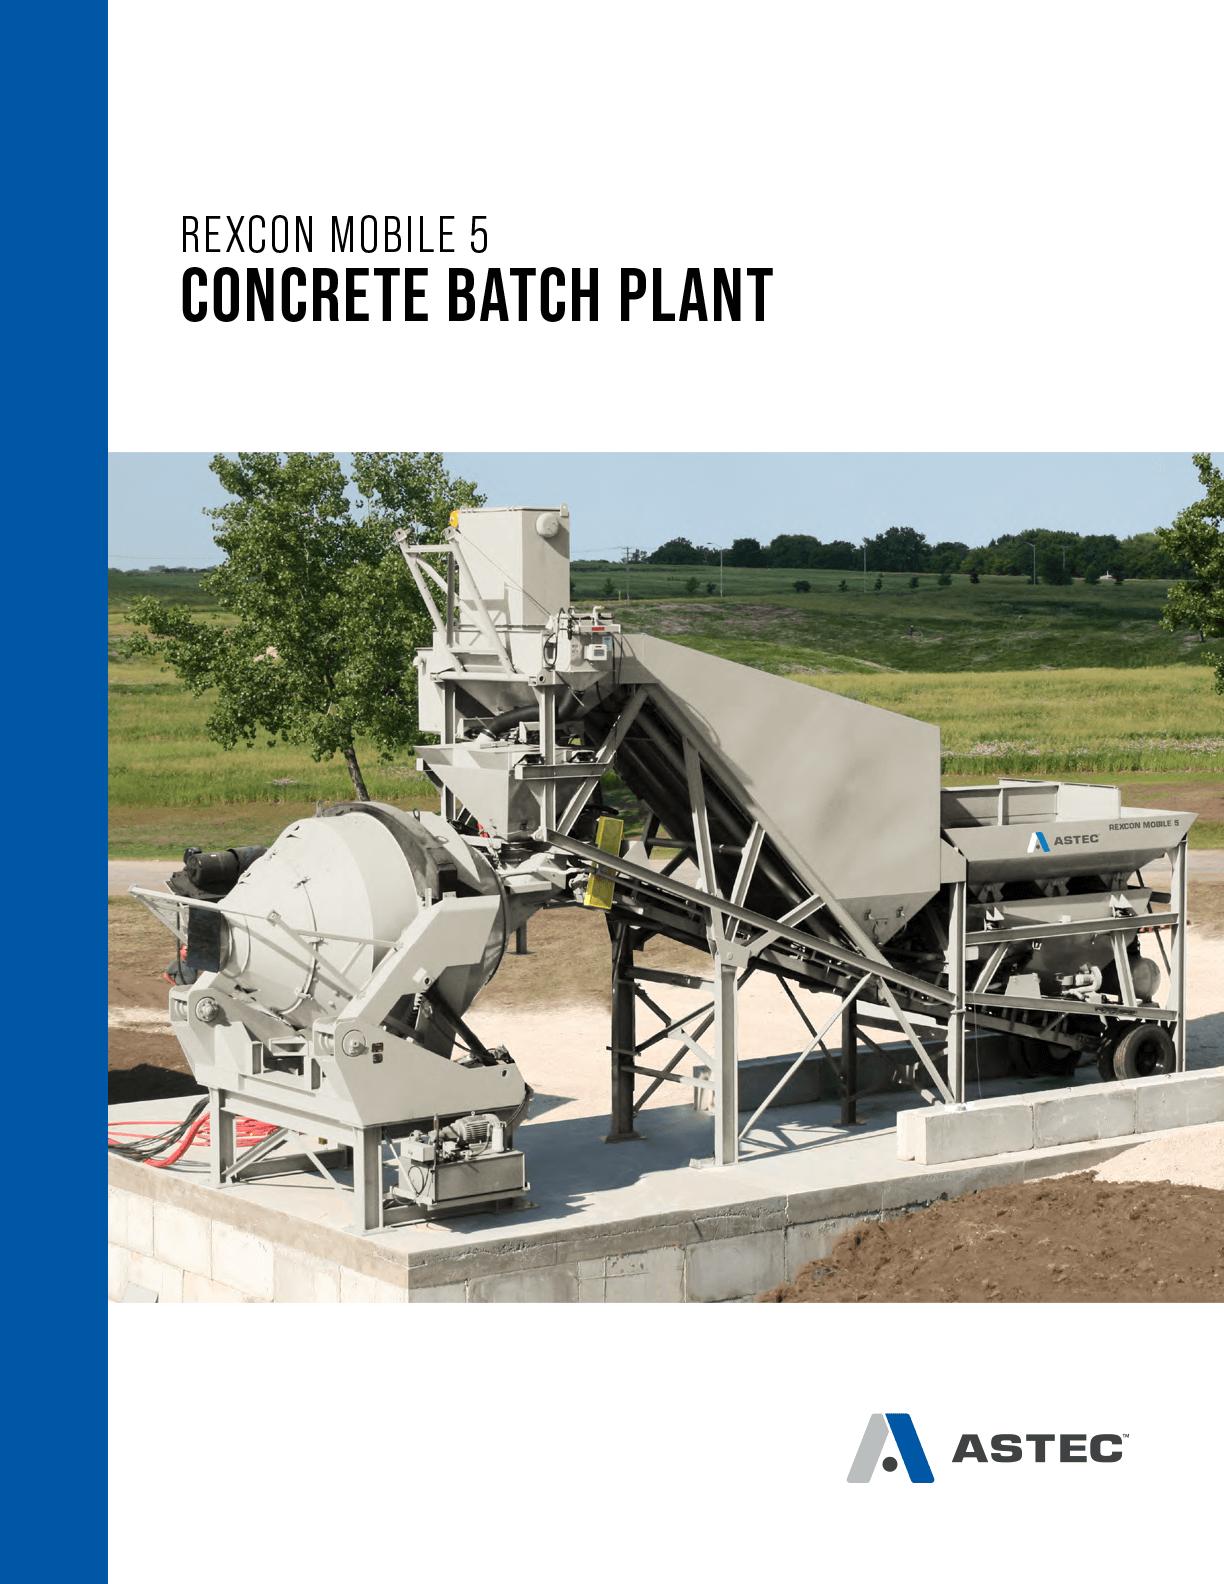 Astec Rexcon Mobile 5 Concrete Batch Plant Brochure Cover